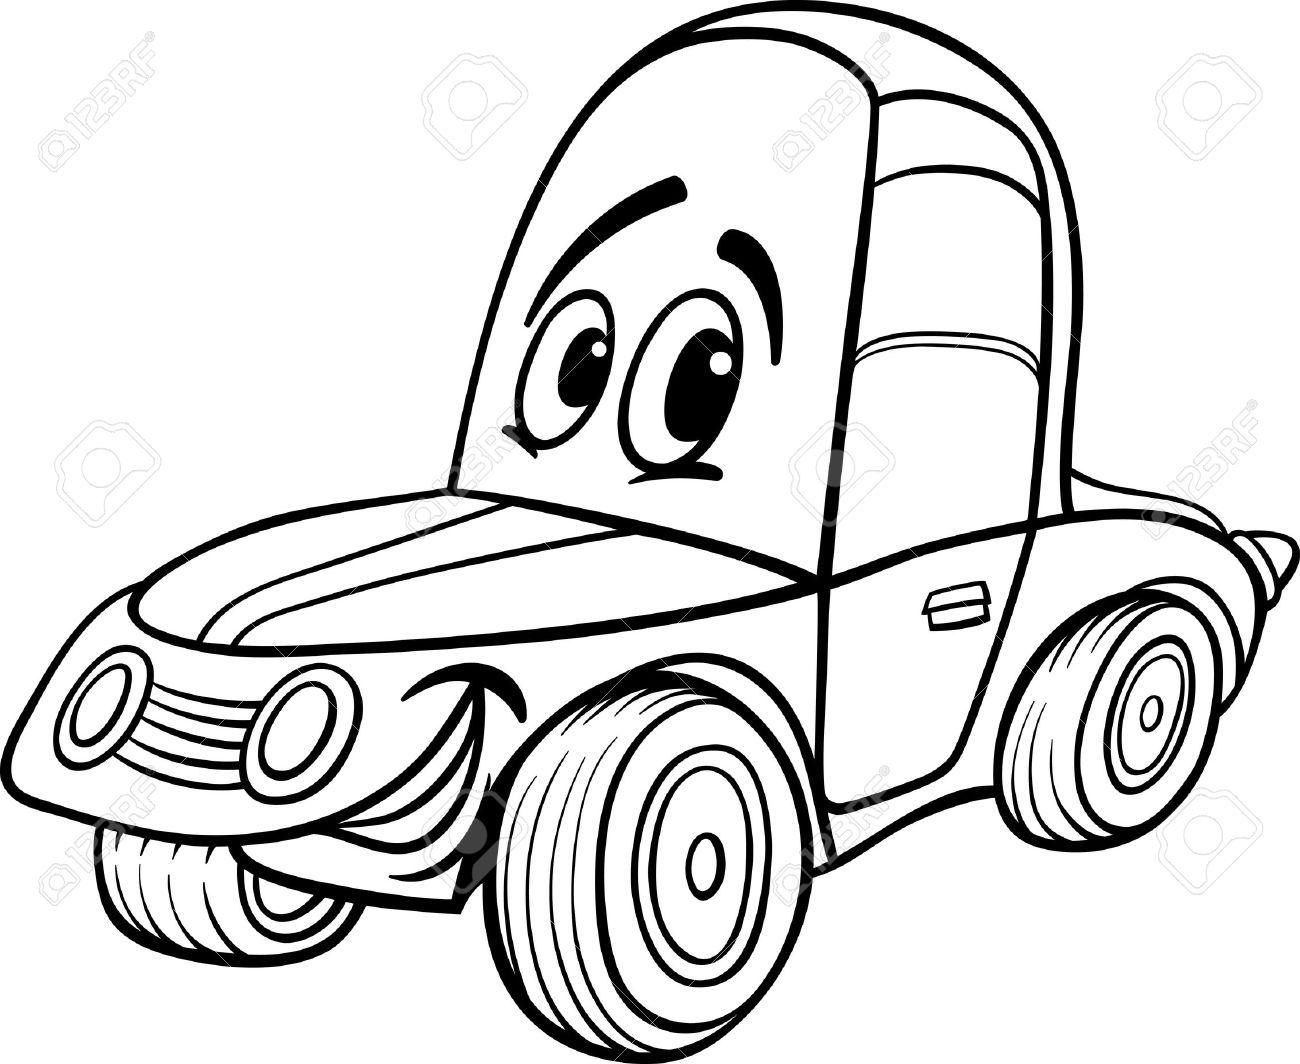 面白い車車漫画のマスコット キャラクター塗り絵子供のためのレースの黒